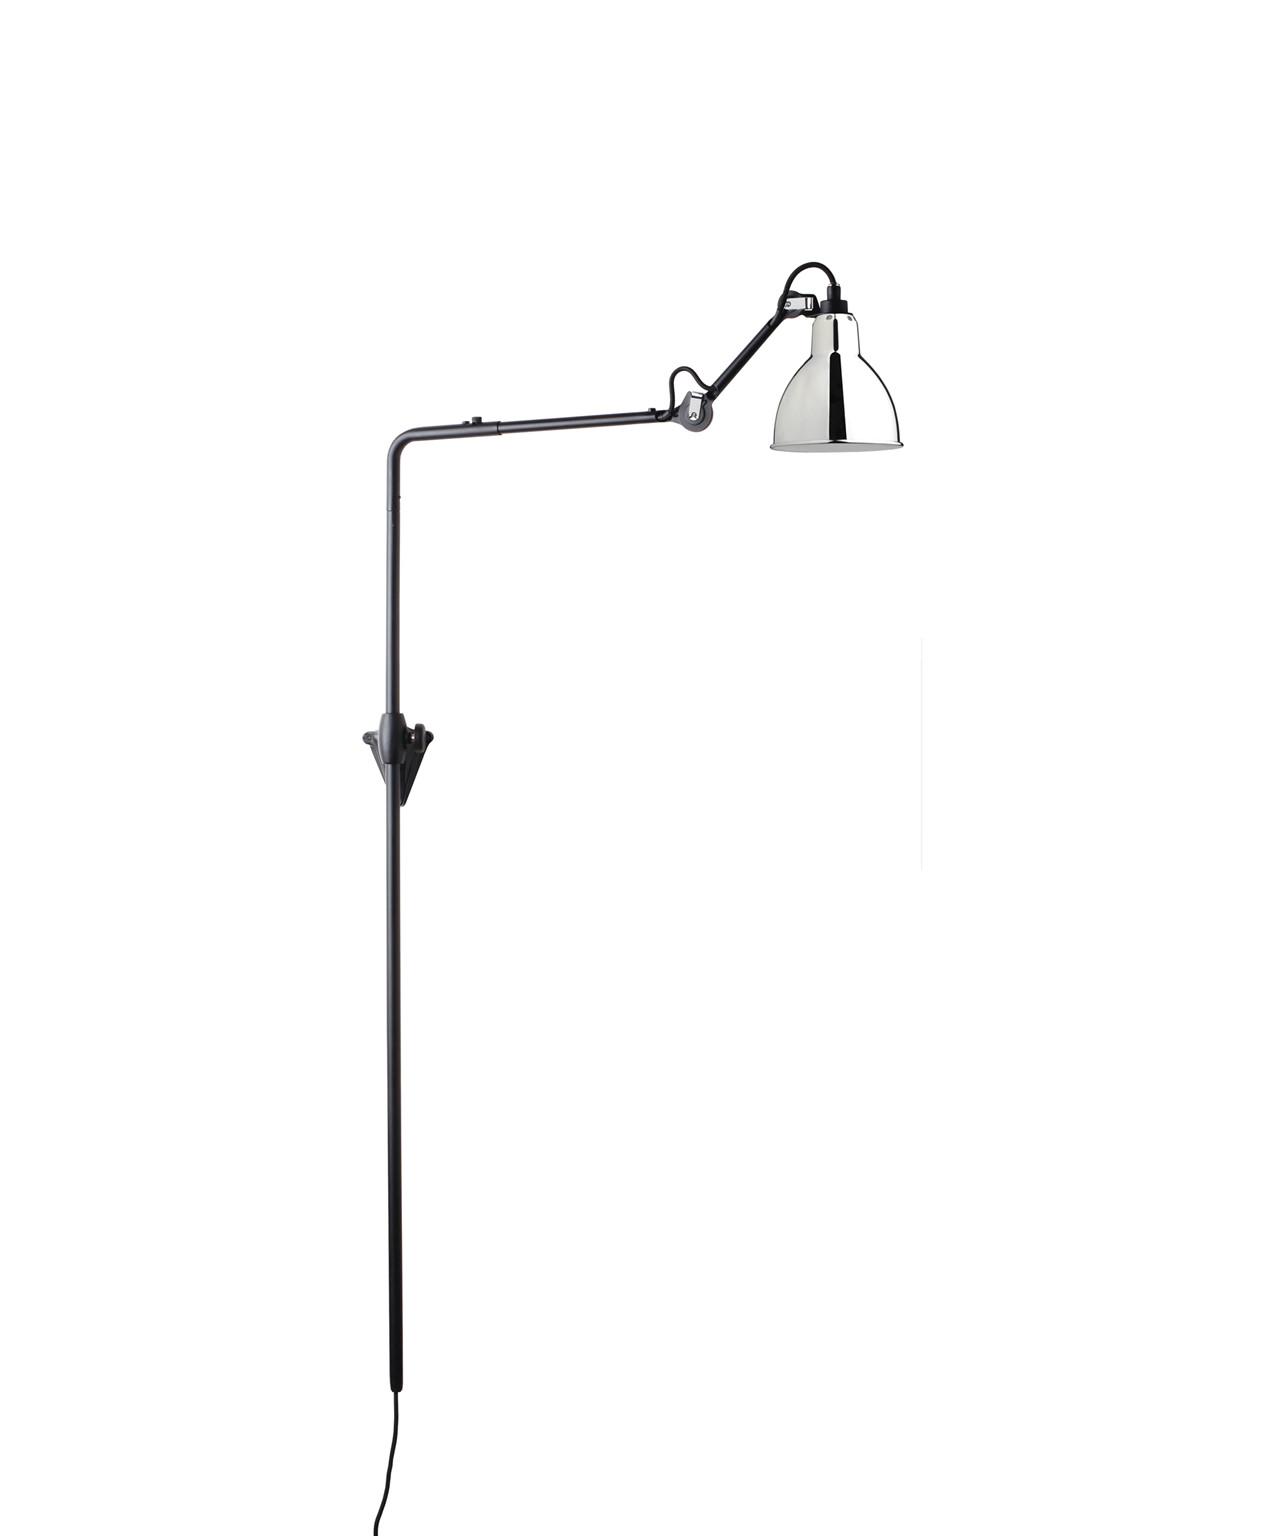 Image of   216 Væglampe Krom - Lampe Gras